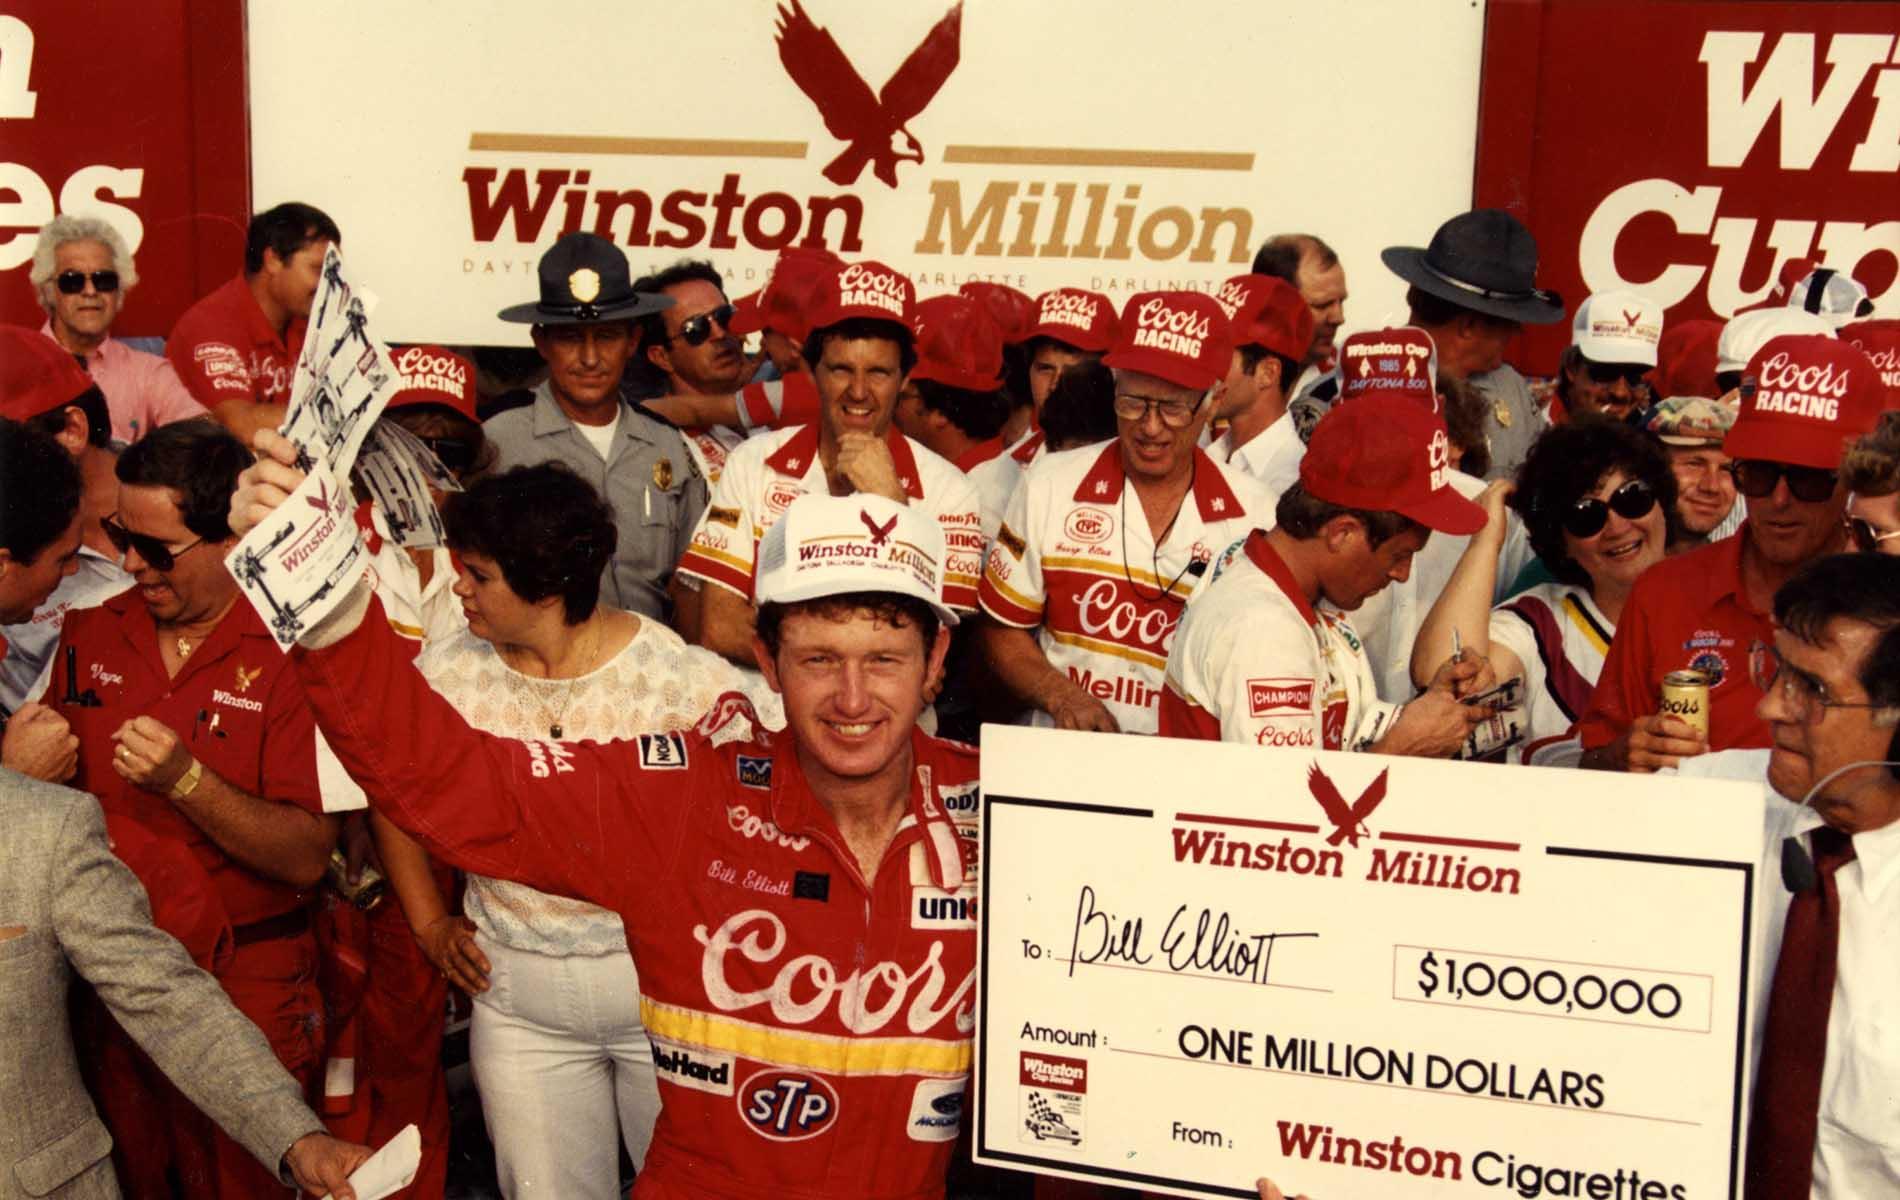 Winston Million